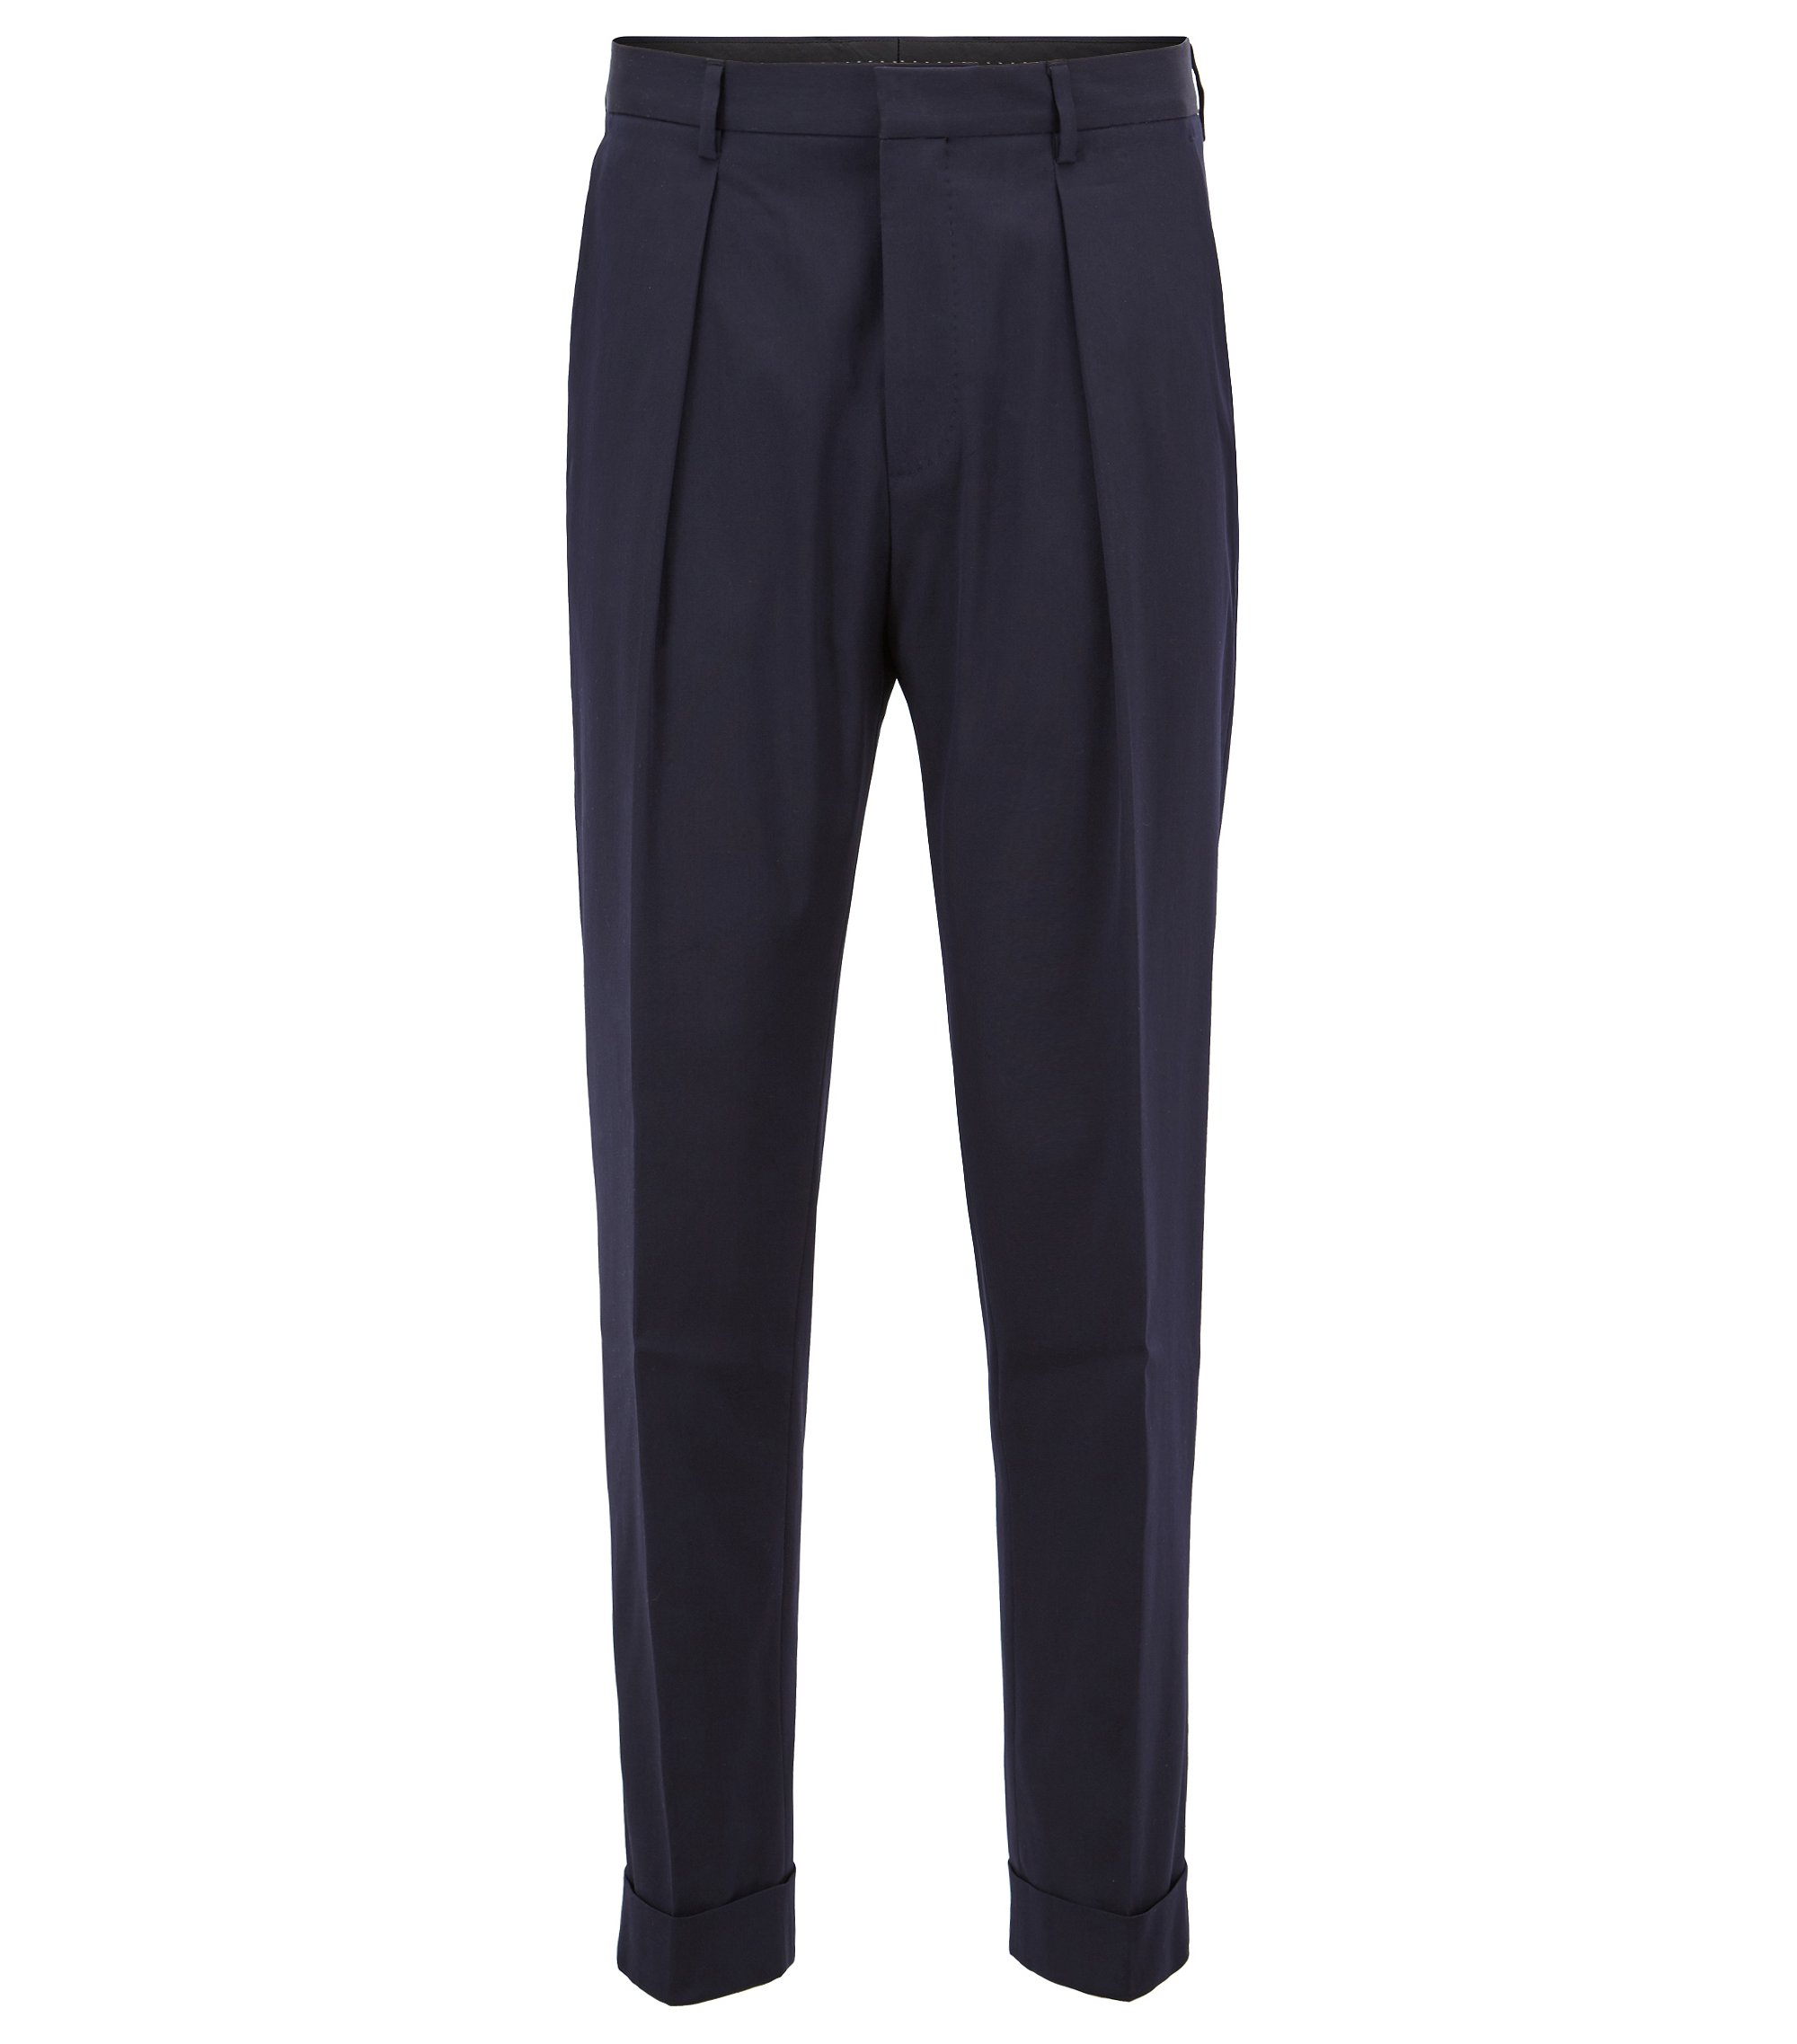 Pantalon raccourci en coton stretch à revers, Bleu